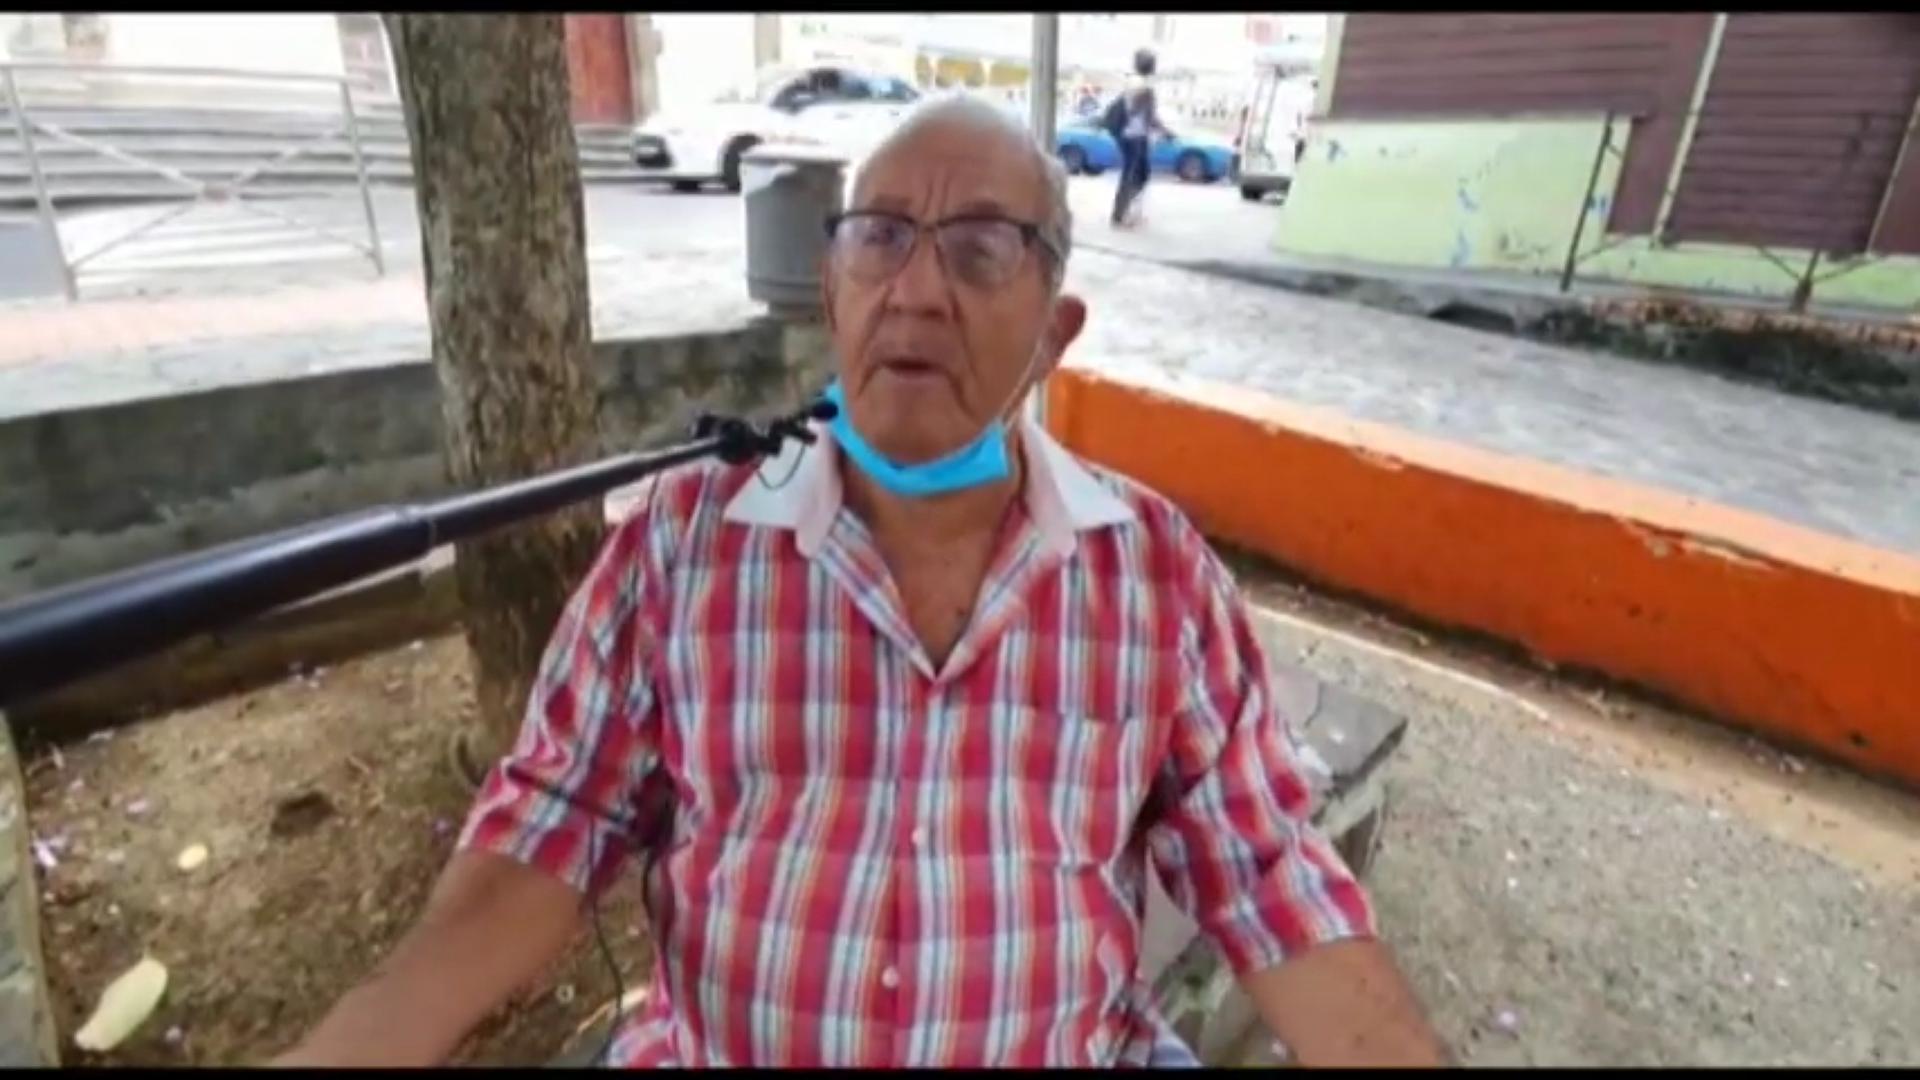 [Vidéo] Onews Martinique. Ce qui interppelle le martiniquais dans l actualité (micro trottoir) 28 vues•23 oct. 2020